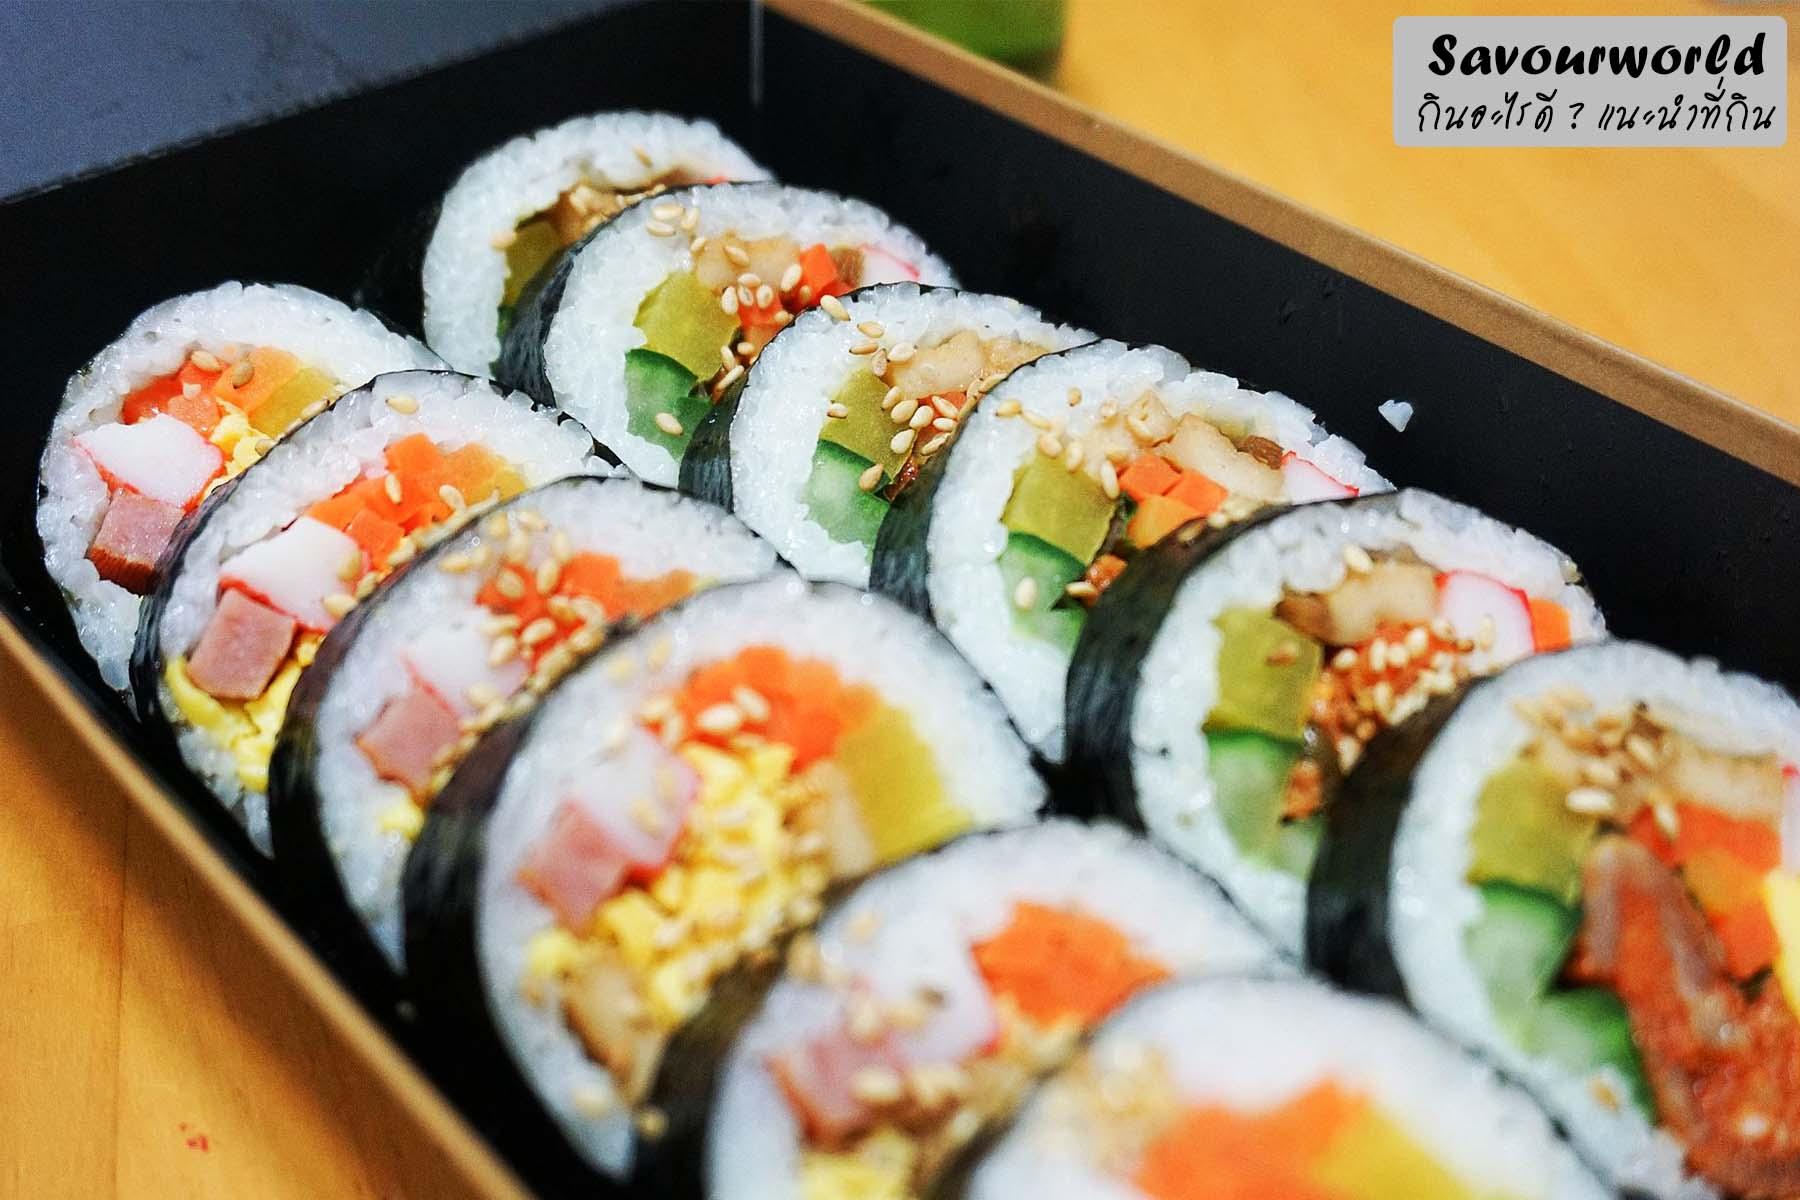 """ชวนมาทำ """"คิมบับ"""" ข้าวห่อสาหร่าย เมนูอาหารเกาหลียอดนิยม - savourworld.com"""